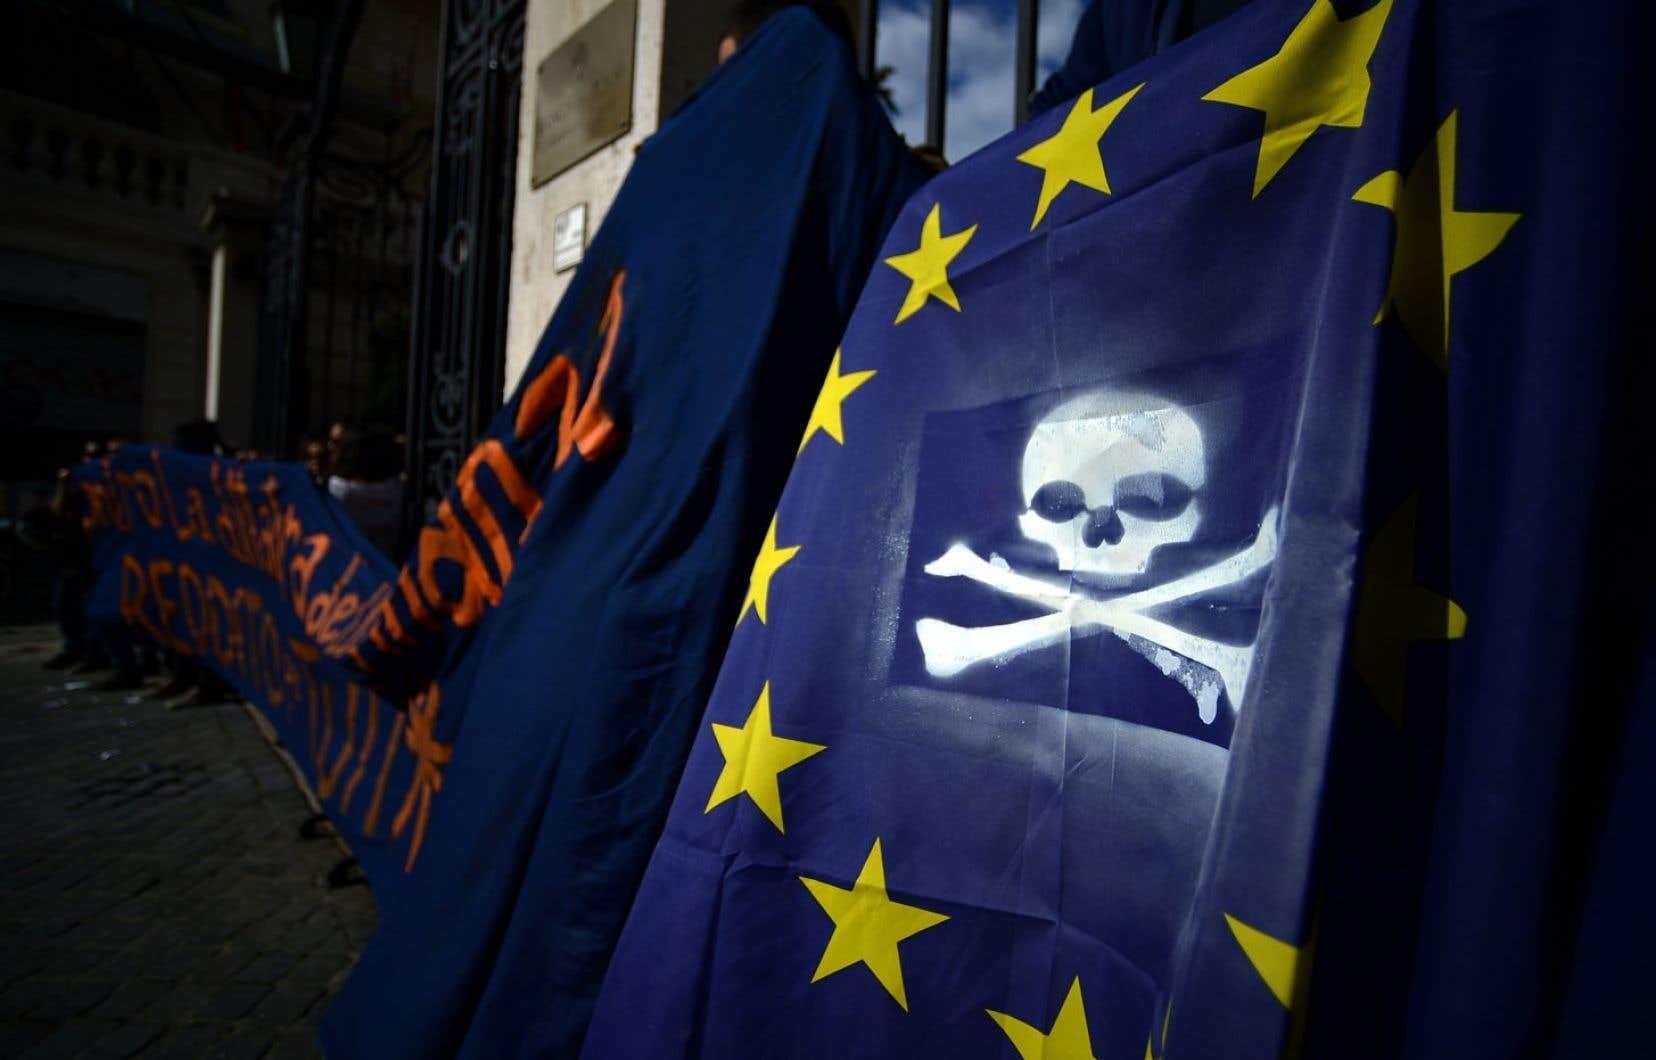 Des manifestants dénonçant les mesures d'austérité à travers l'Europe ont manifesté le mois dernier devant la Banque d'Italie.